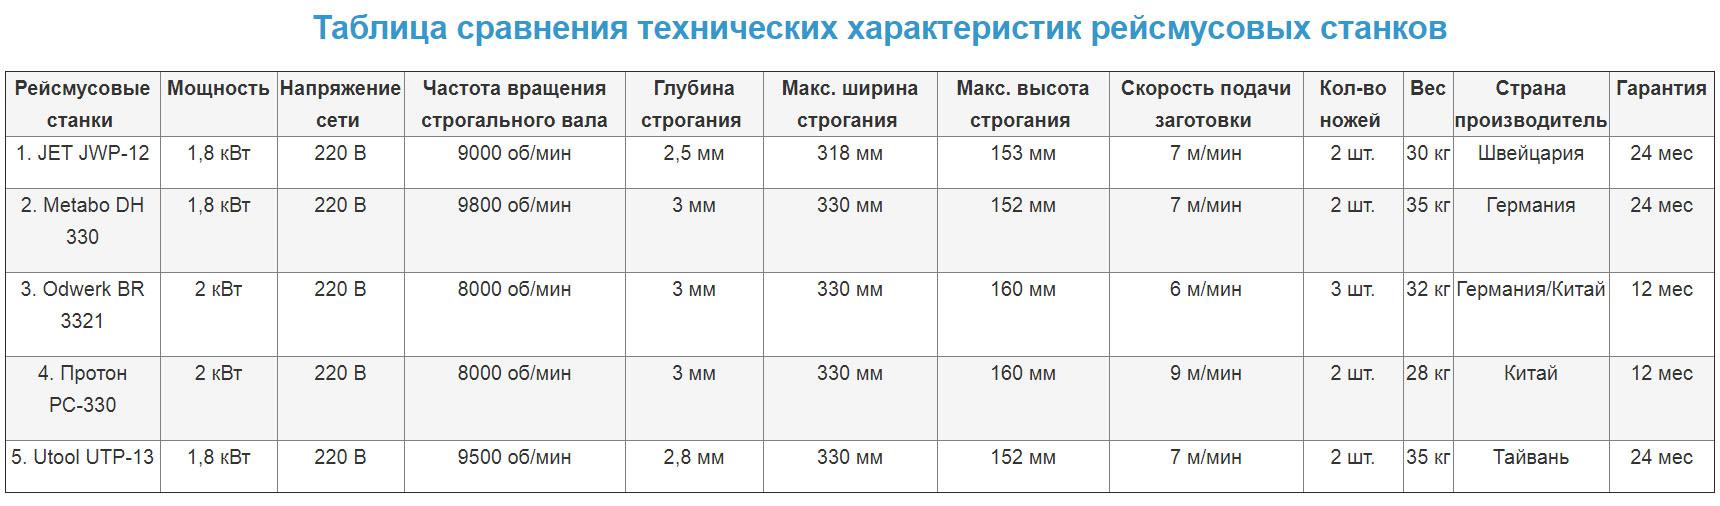 Сравнение технических характеристик рейсмусовых станков